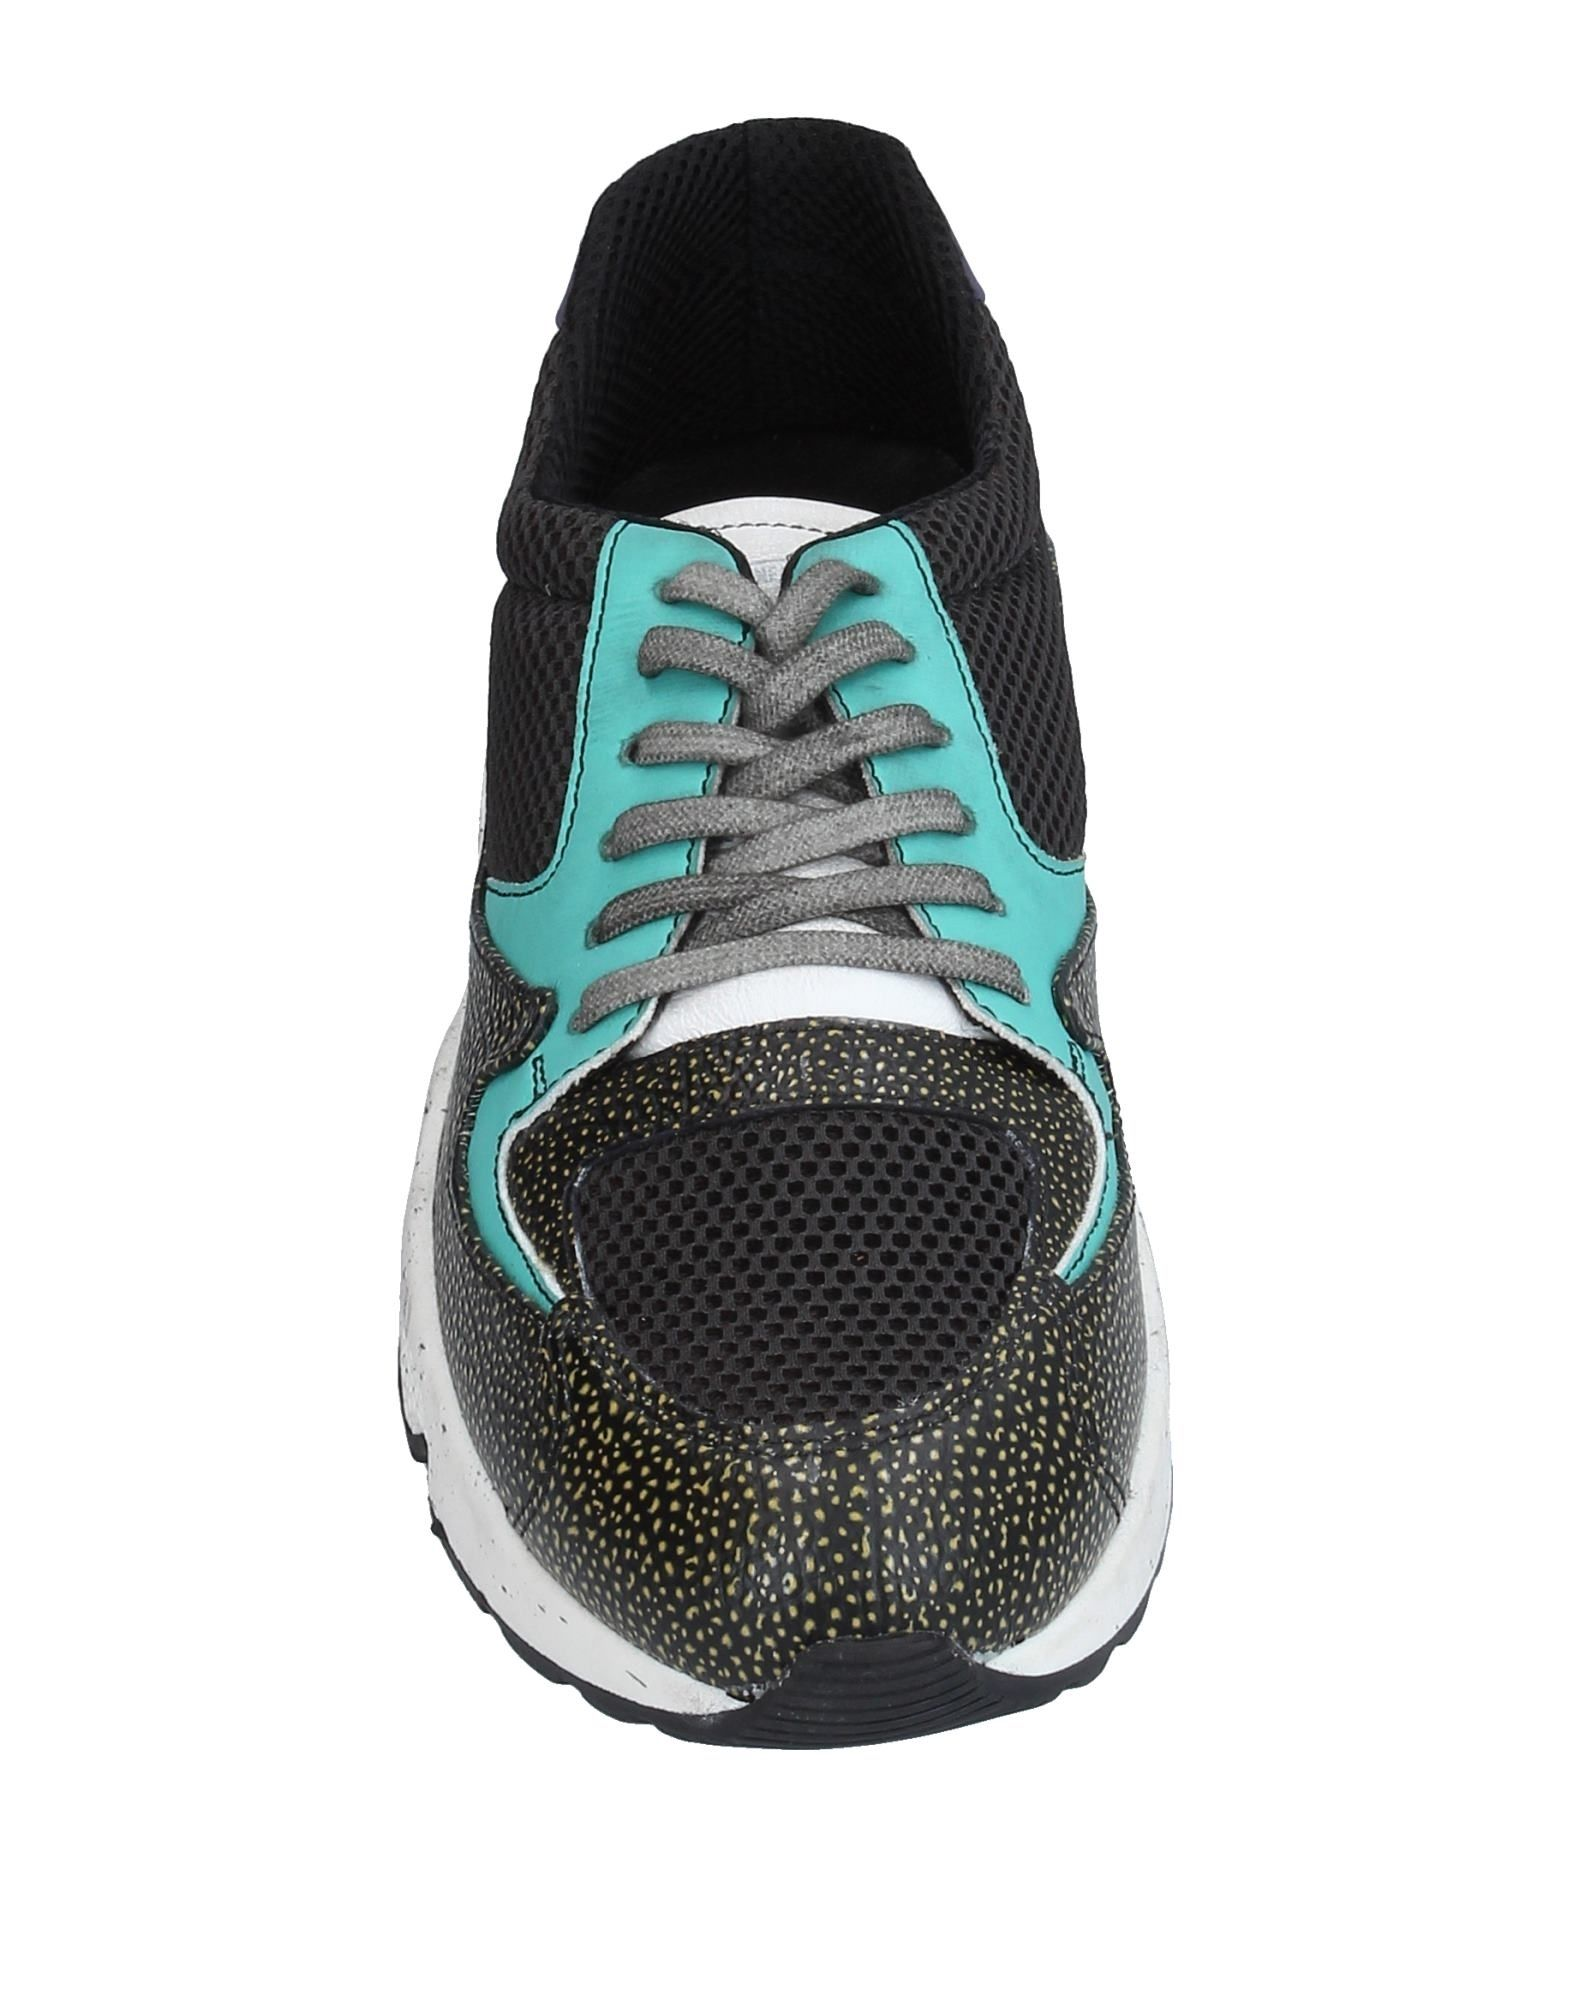 Herren P448 Sneakers Herren   11339032RP Heiße Schuhe 1f42d5